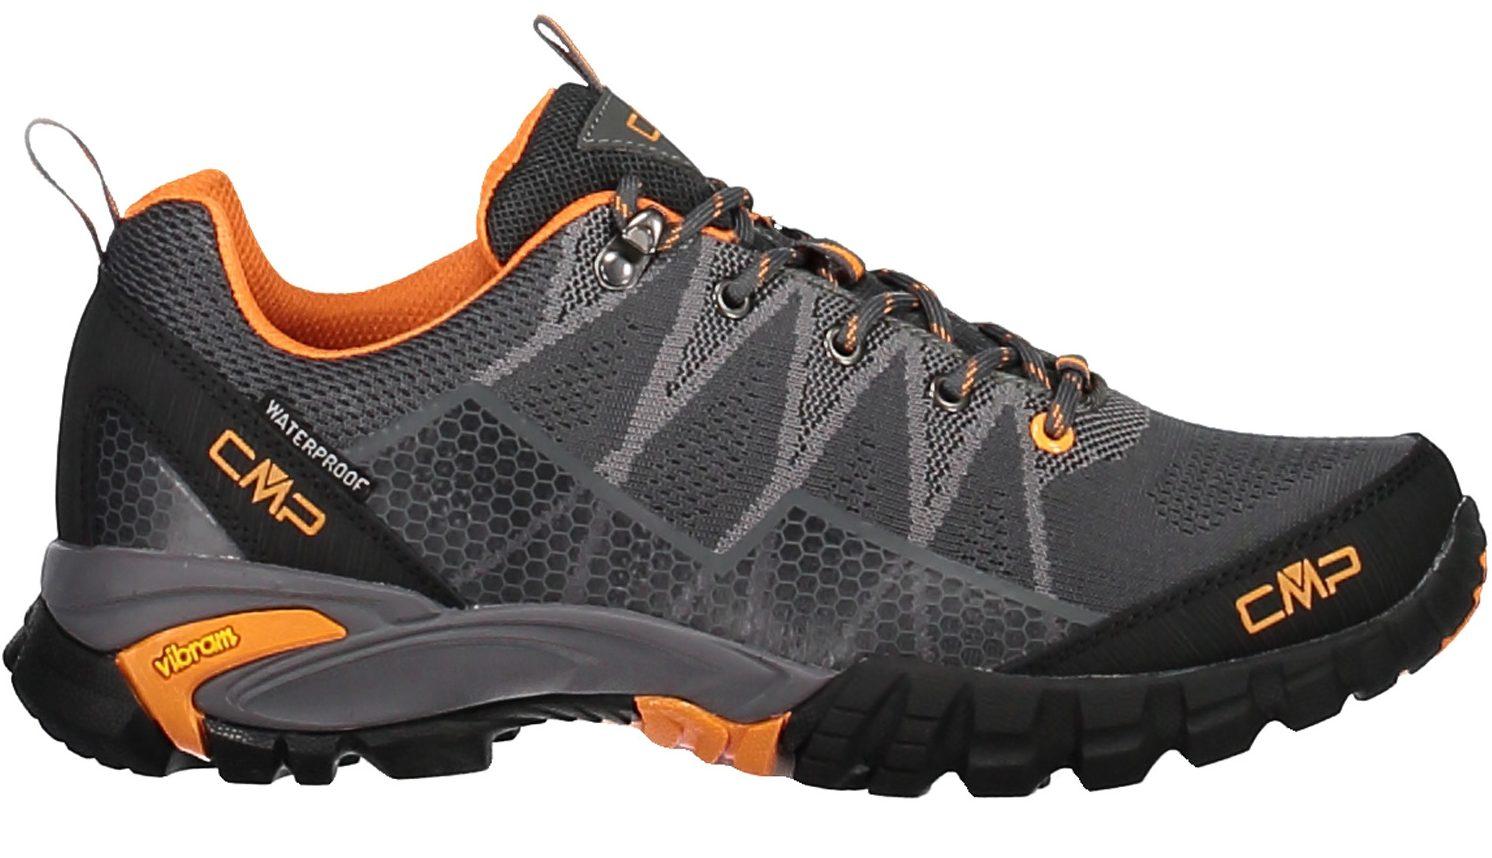 Il rivoluzionario scarponcino da trekking realizzato in maglia per la  massima leggerezza e il massimo comfort. Tomaia costruita con filati di  poliestere a ... ad7f269a8ea